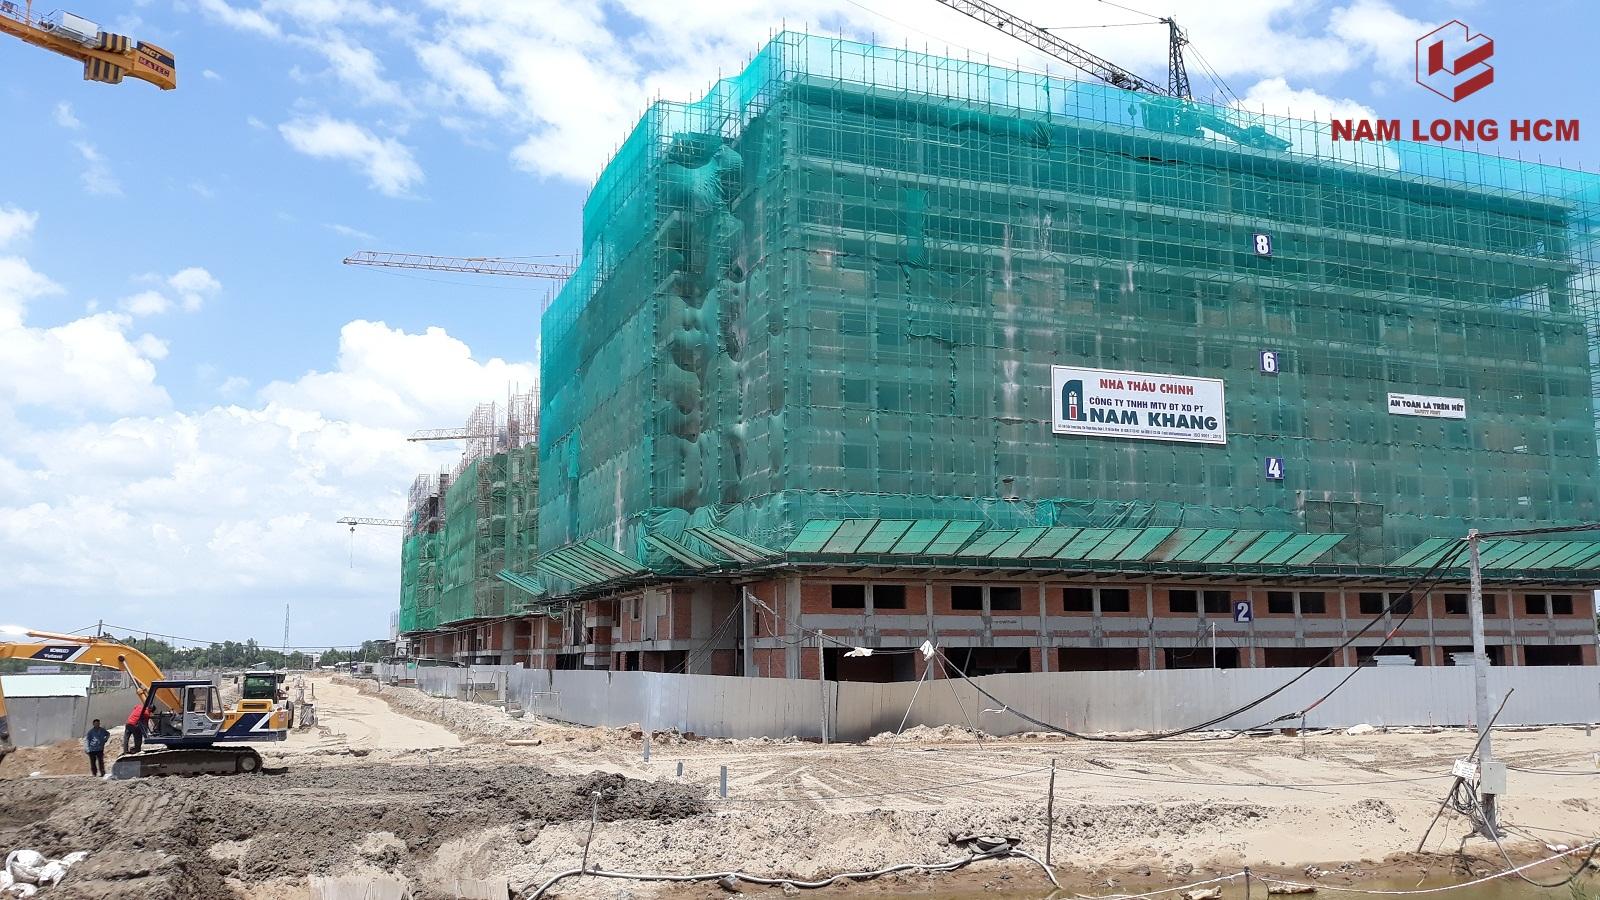 Tiến độ xây dựng Block B - Ehome S Bình Chánh. Nhà thầu đang thi công sàn tầng 10. Ảnh: Nam Long HCM